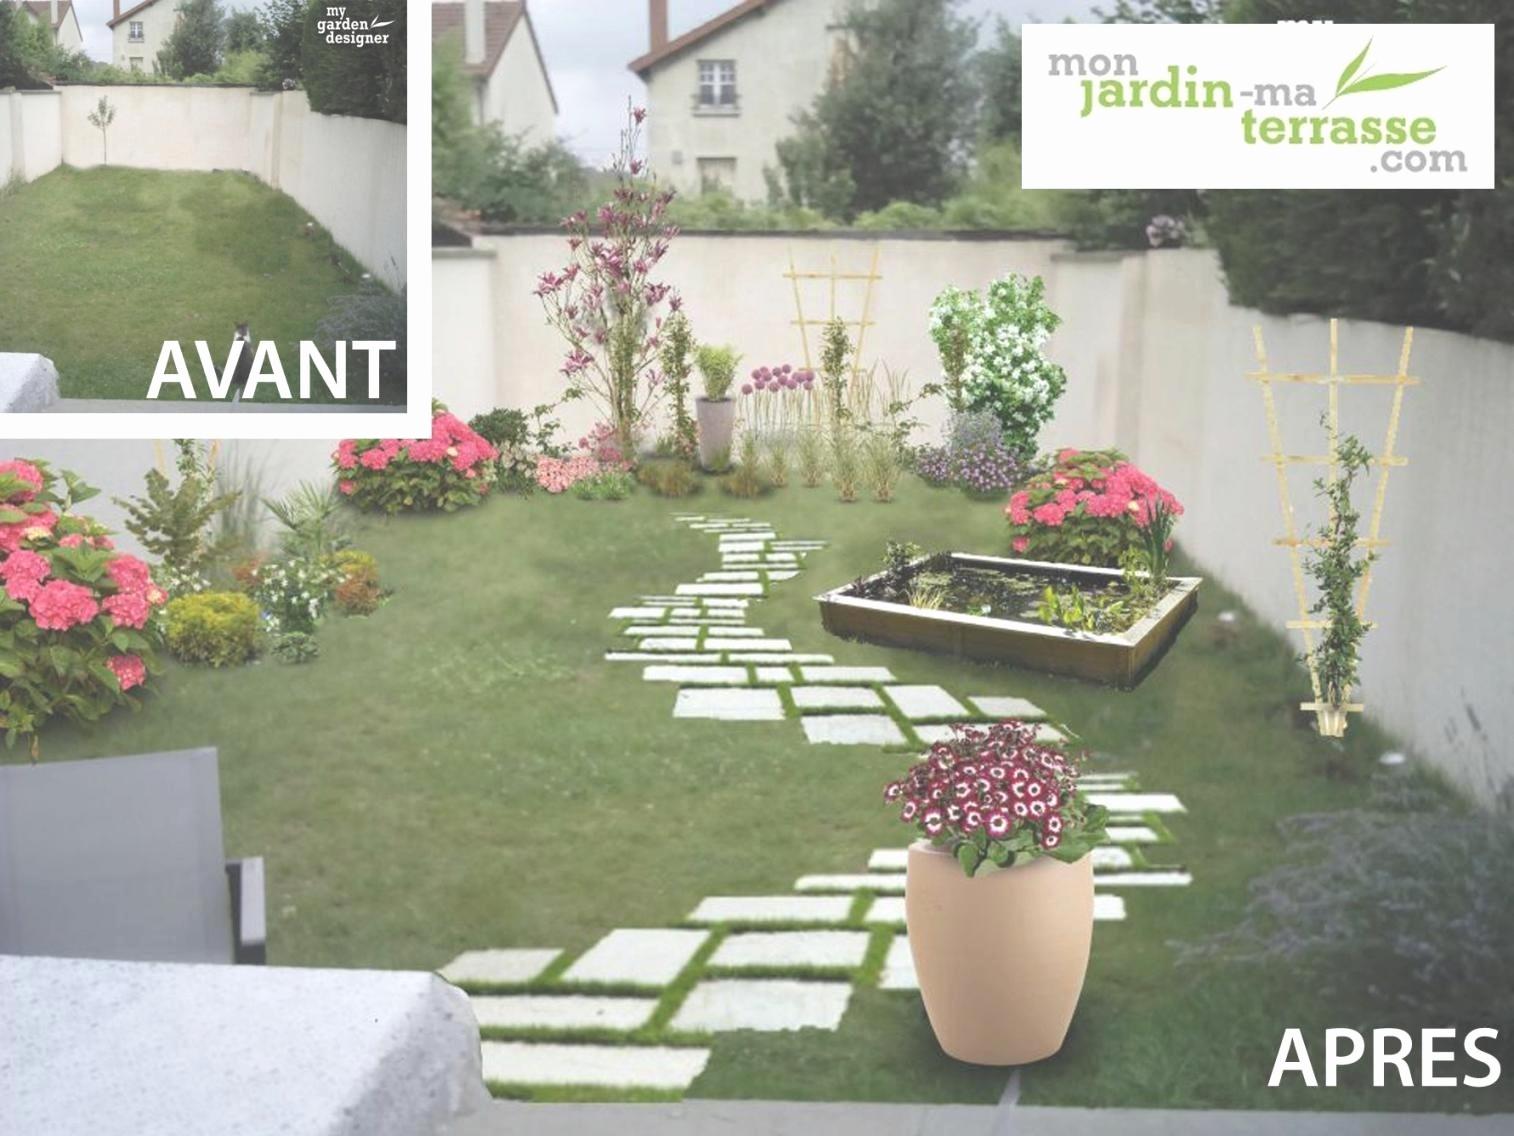 Comment Aménager Son Jardin Pas Cher Frais Topmost 41 concernant Comment Aménager Un Petit Jardin Rectangulaire